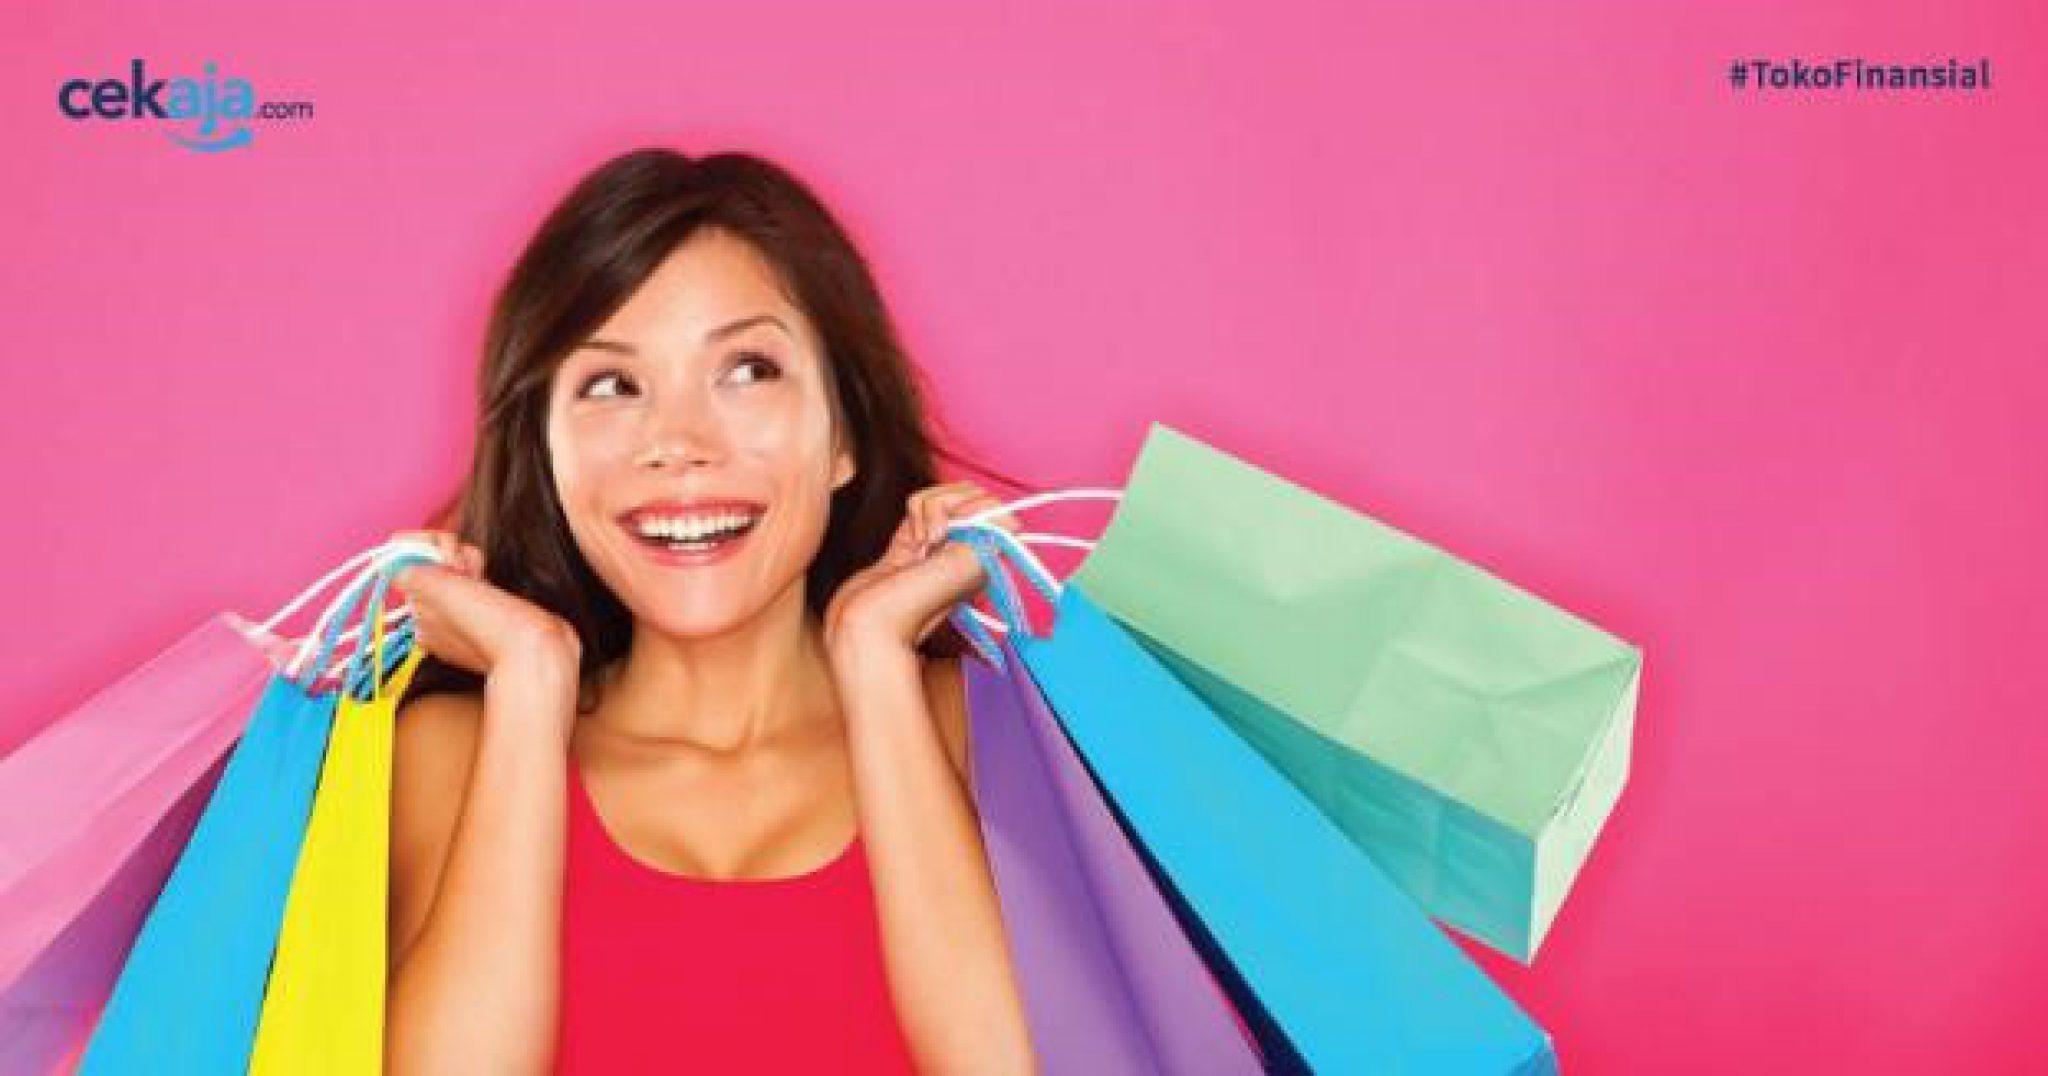 Promo Akhir Tahun Kartu Kredit - CekAja